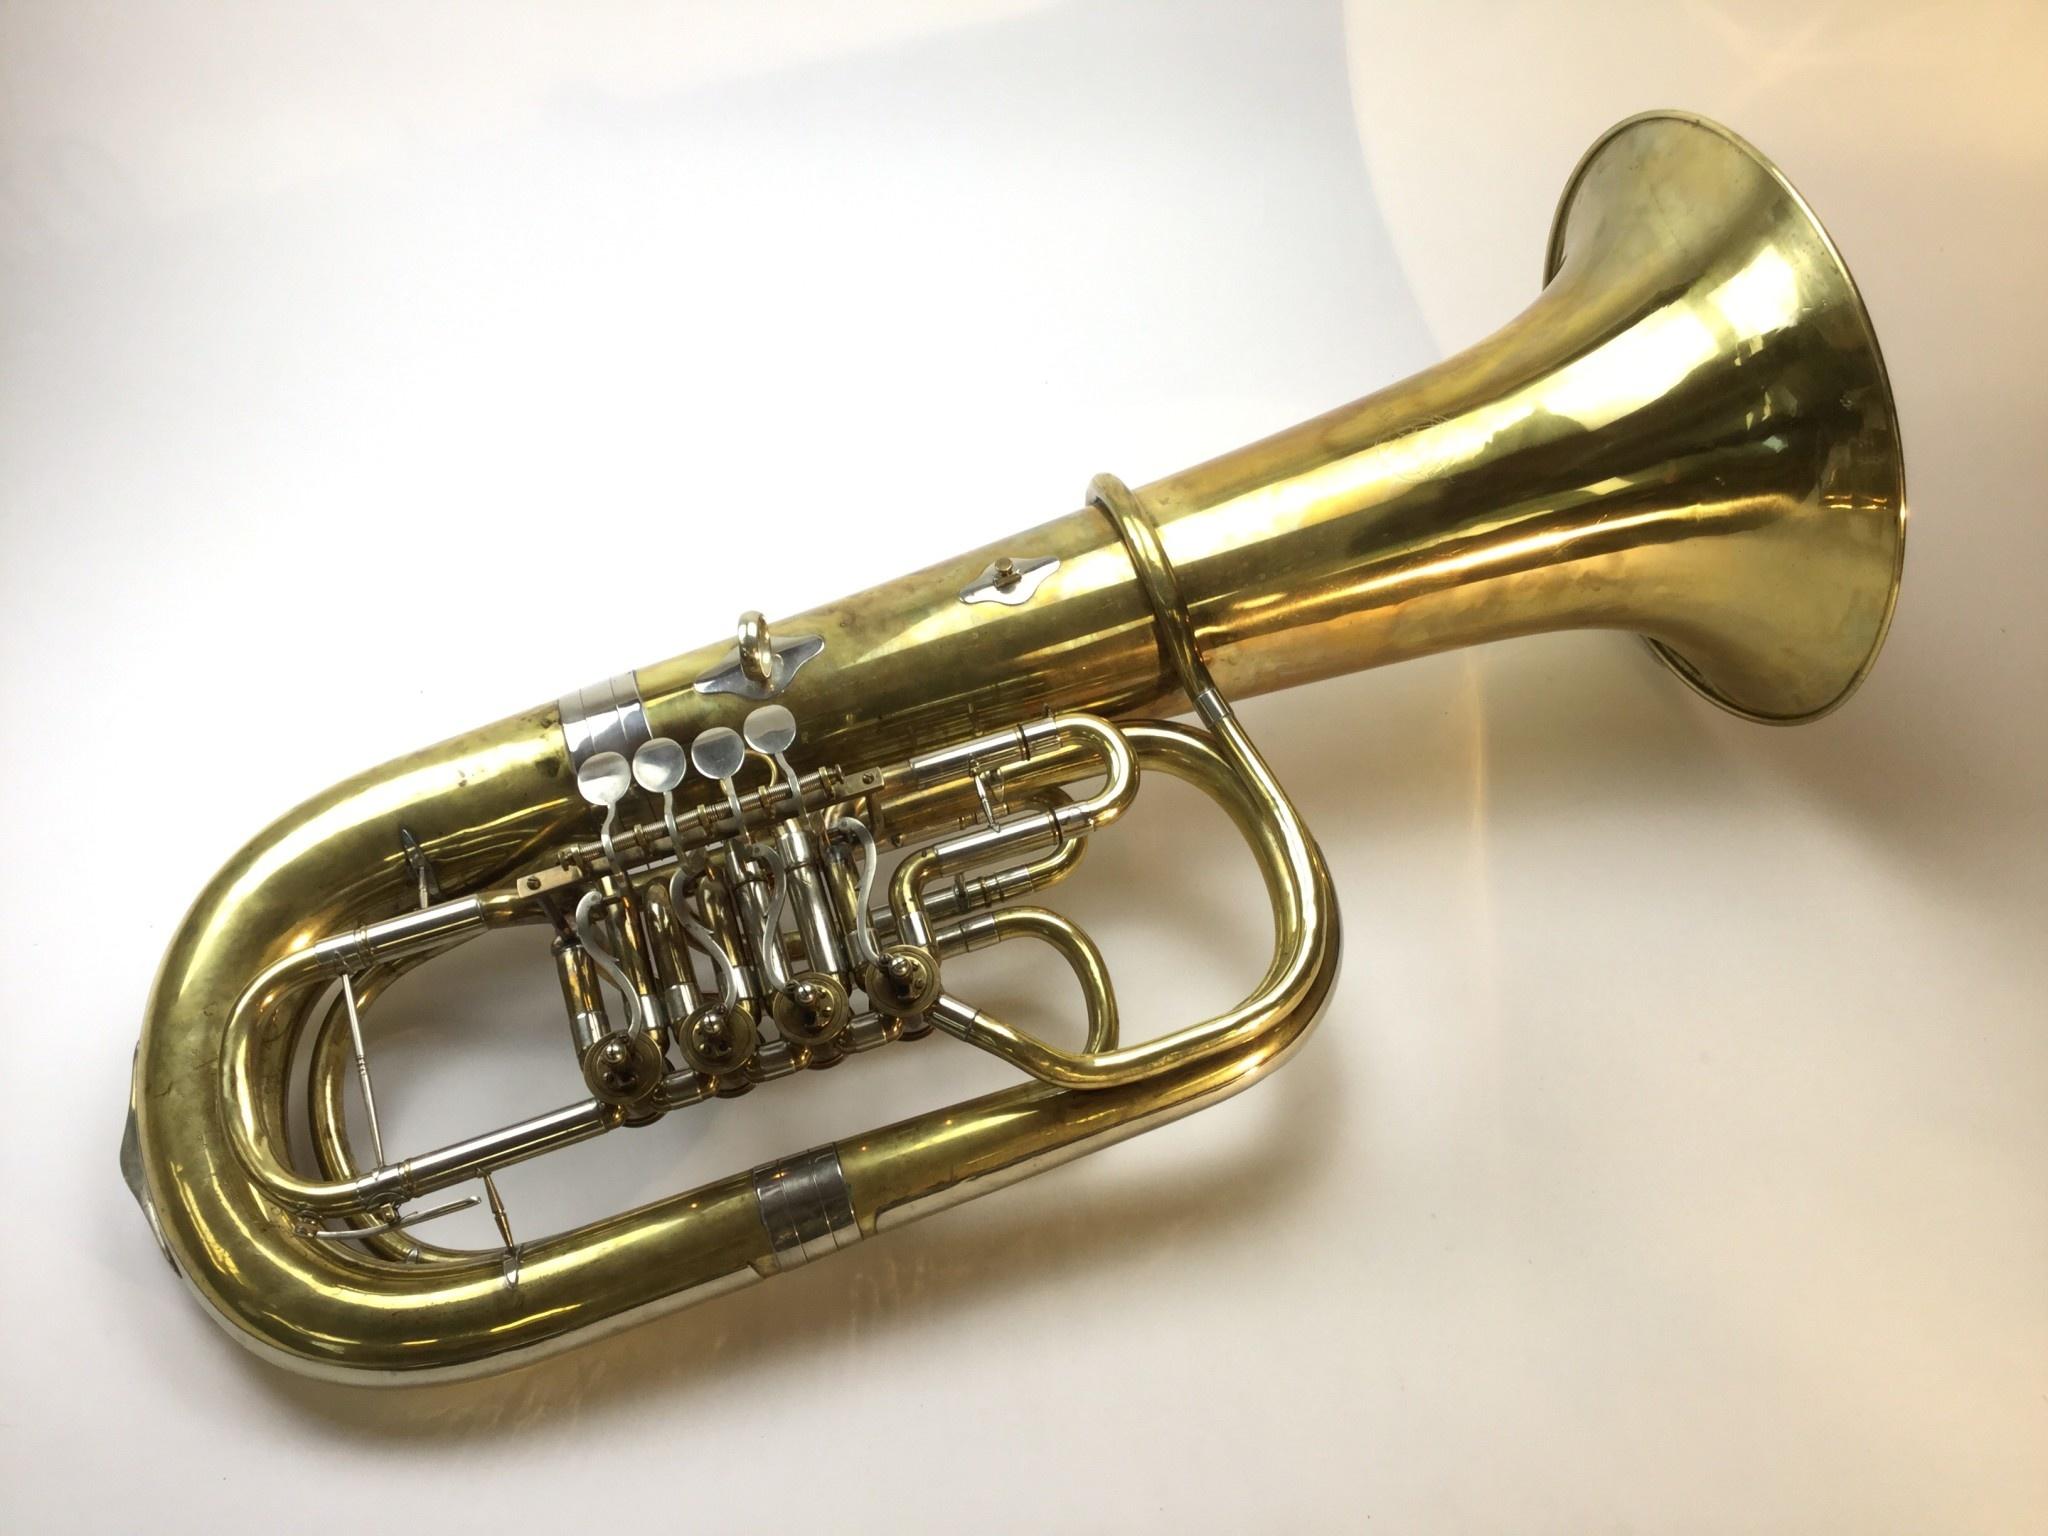 Used Weltklang F tuba